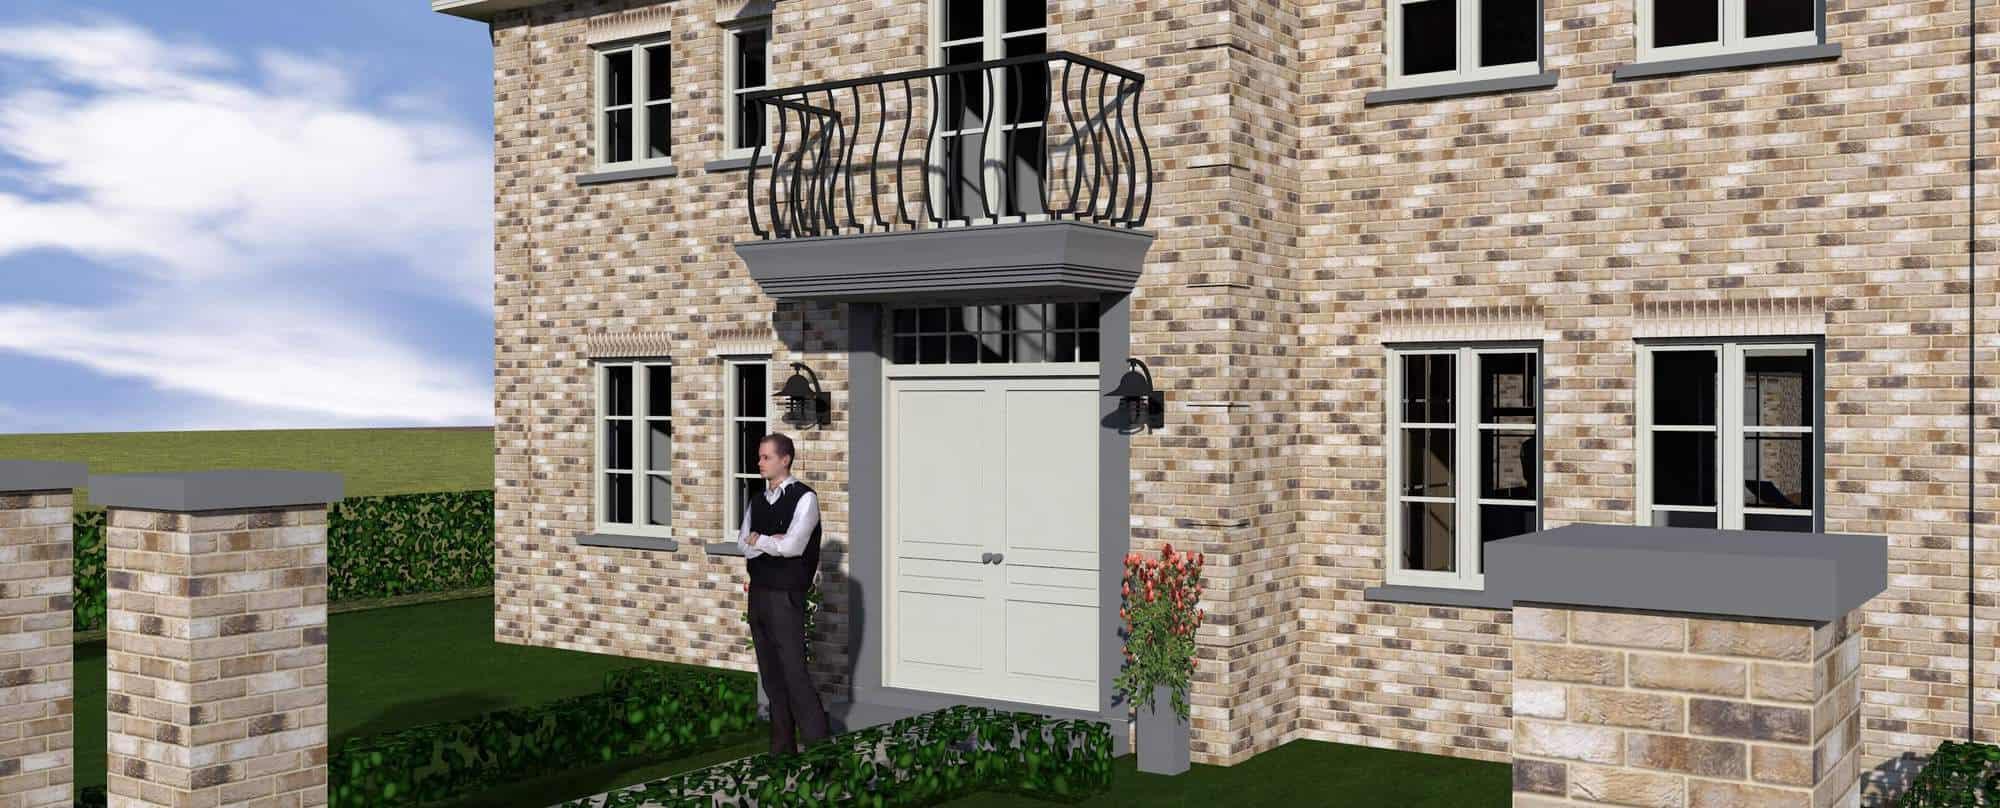 Detail afbeelding 3 van V & C   –   Manoir woning + praktijk verloskundige   –   Bochelt | Ontwerp door architect Patrick Strackx